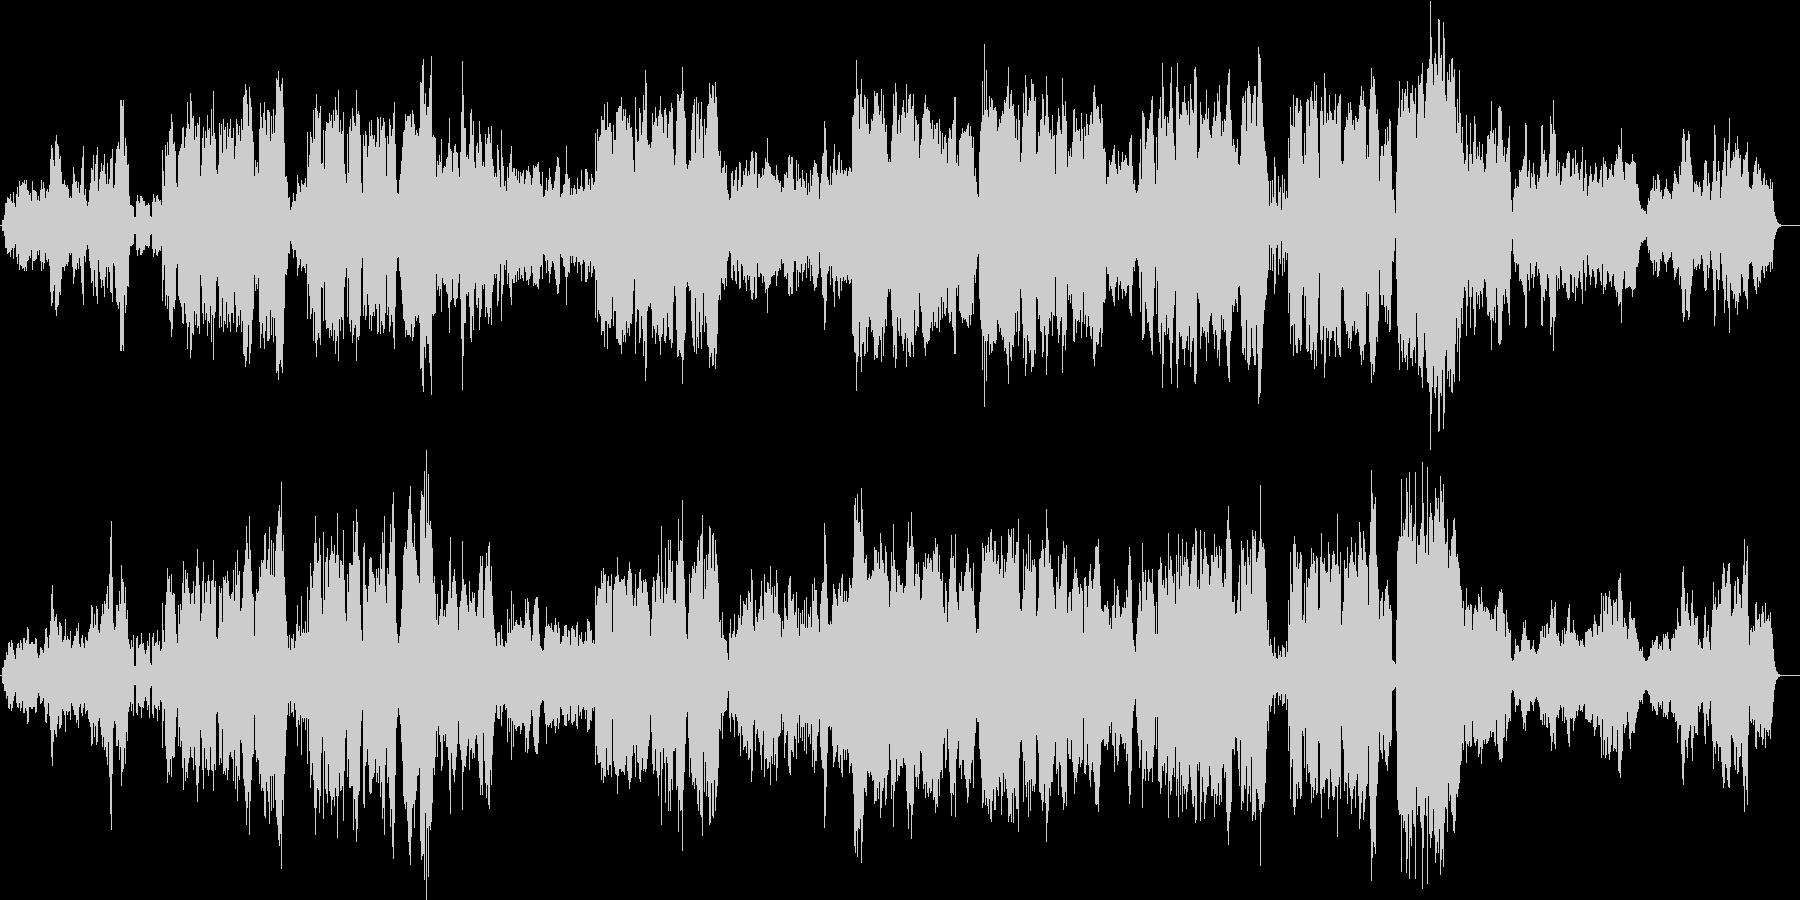 ポップス風な混声合唱オーケストラ曲です。の未再生の波形